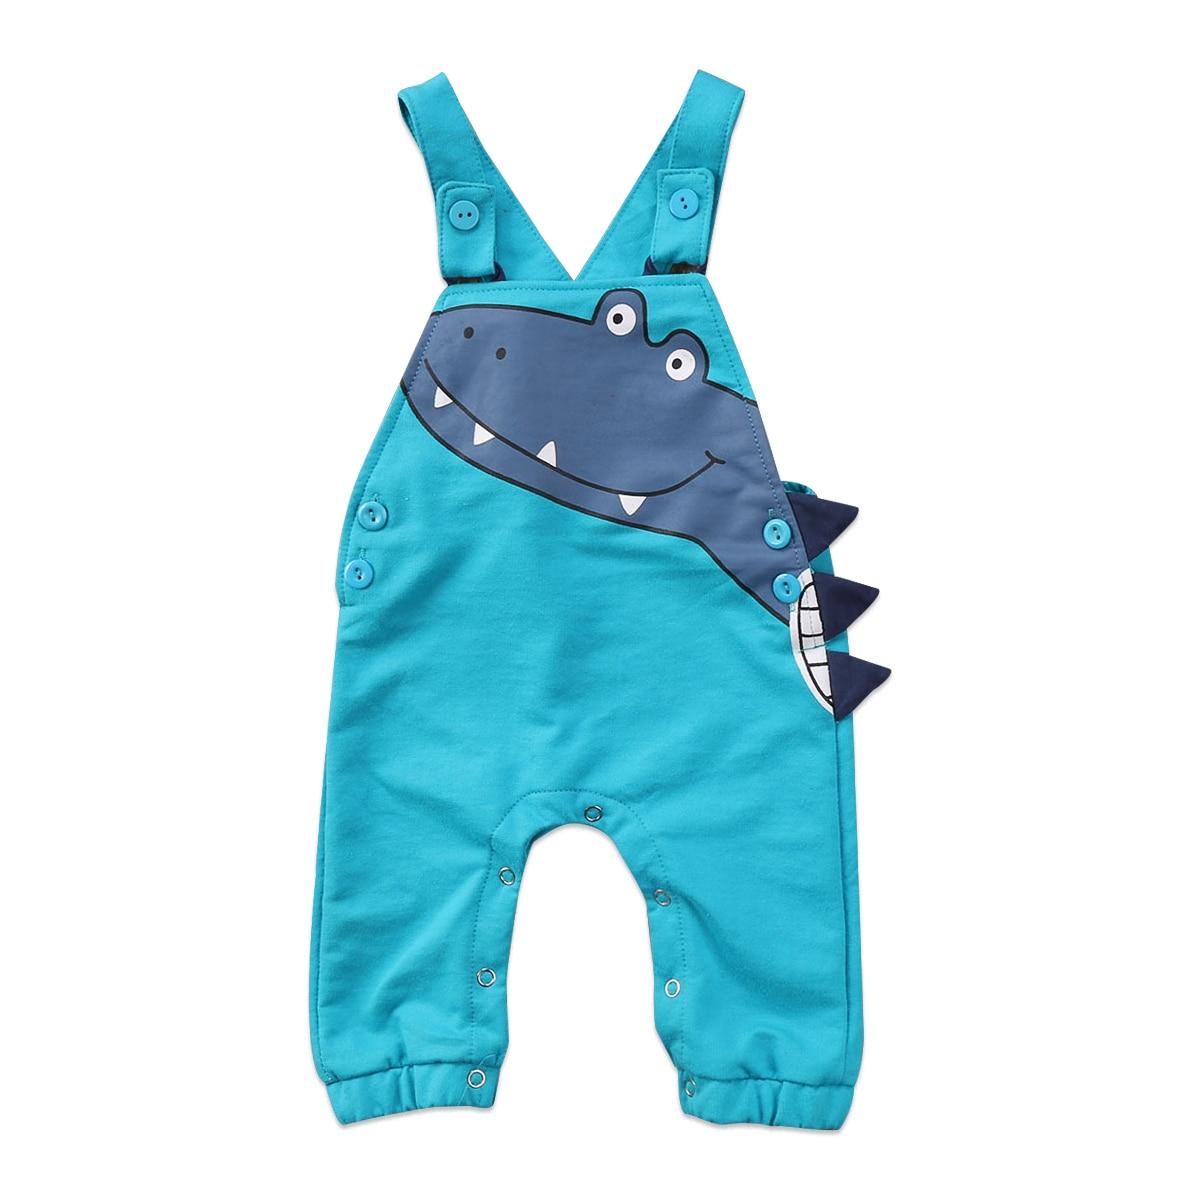 2017 Blu Dinosauro Neonato Bambino Neonato Ragazza Senza Maniche Pagliaccetto Complessivo Tuta Outfit Anime Vestiti Carini Pacchetti Alla Moda E Attraenti